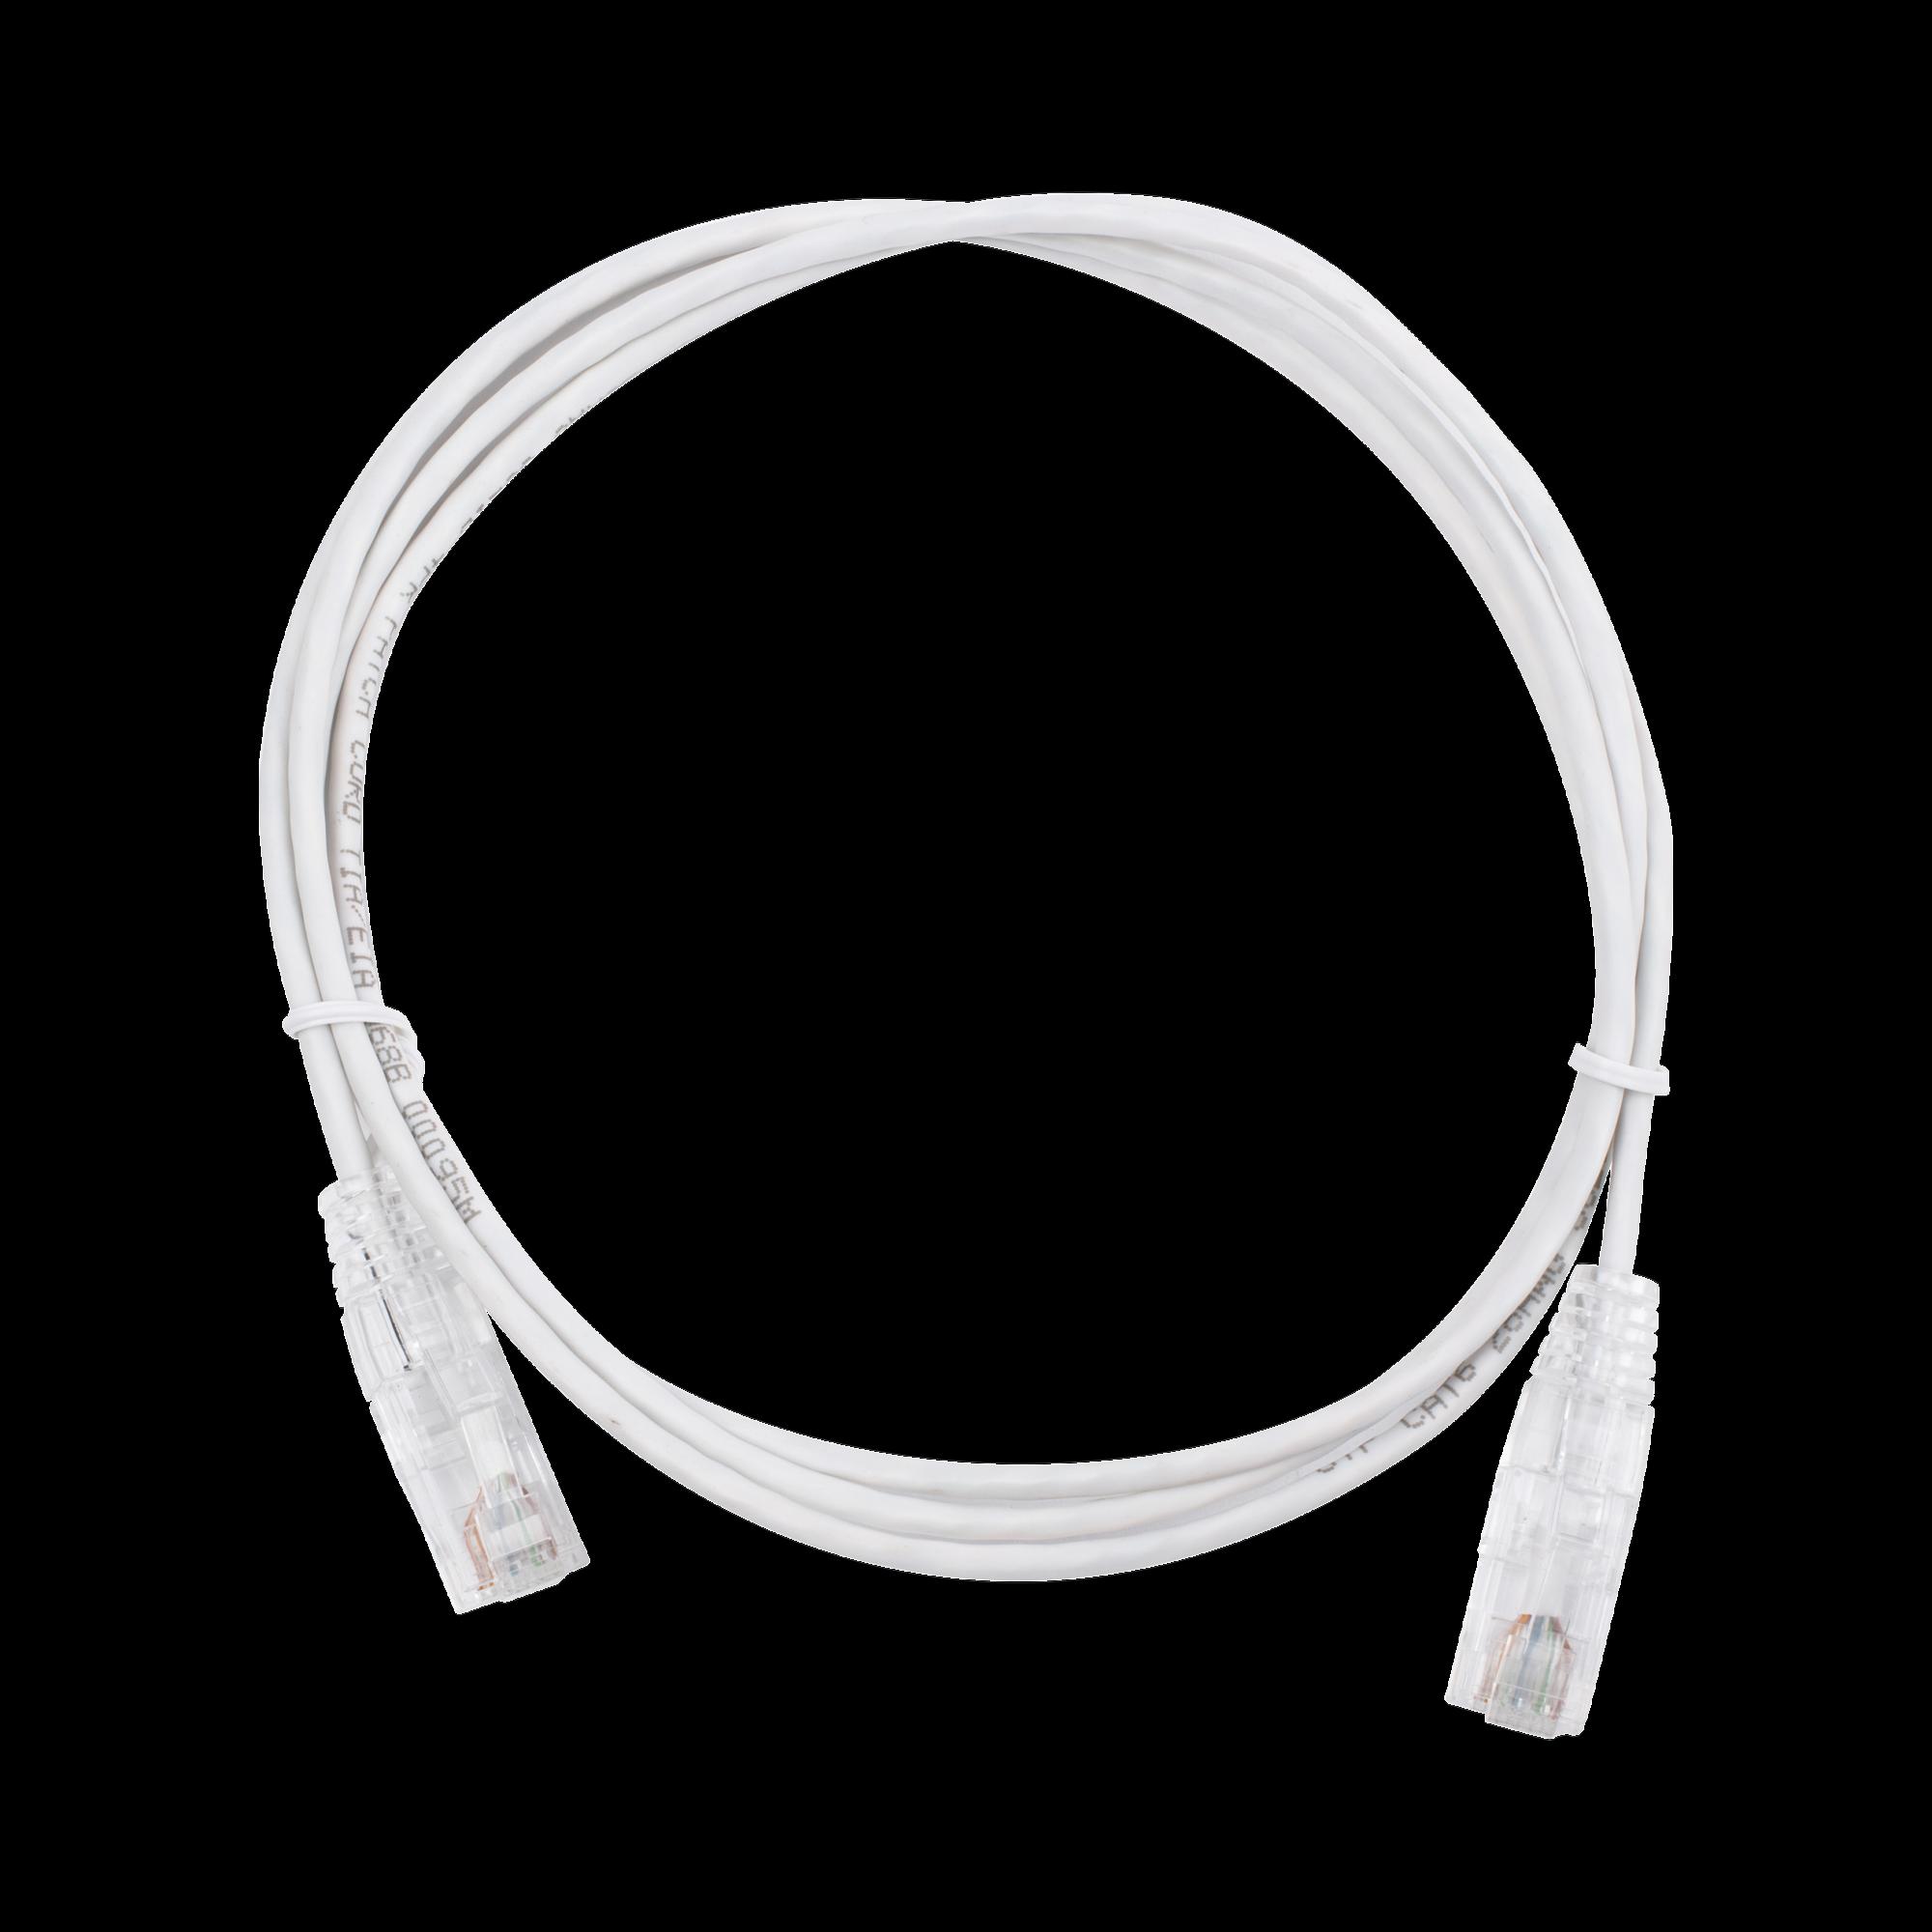 Cable de Parcheo Slim UTP Cat6 - 1.5 m Blanco Diámetro Reducido (28 AWG)